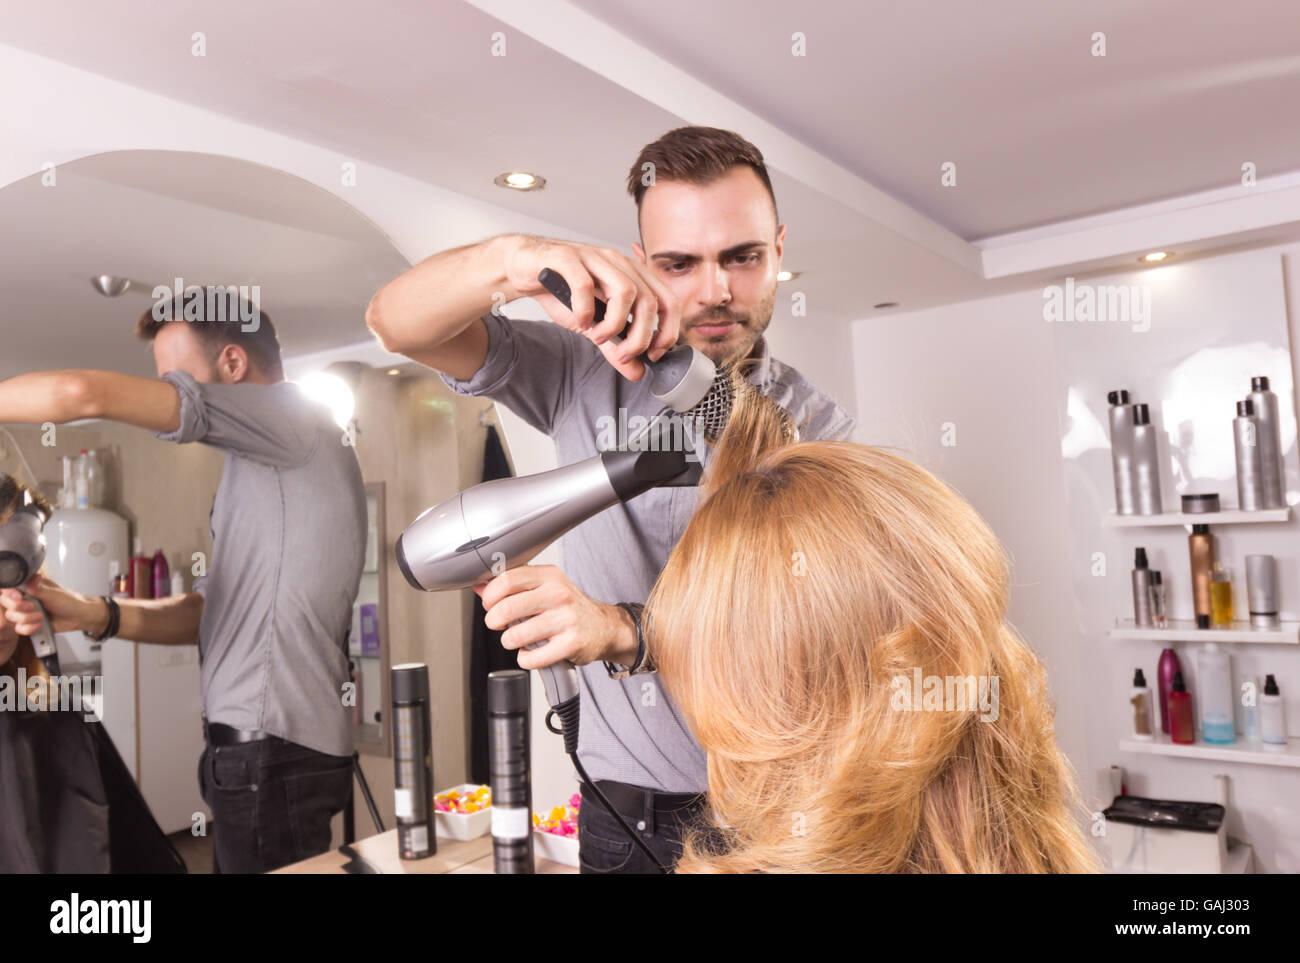 Coup de peigne de coiffeur homme femme rouleau séchage des cheveux, vue latérale Photo Stock